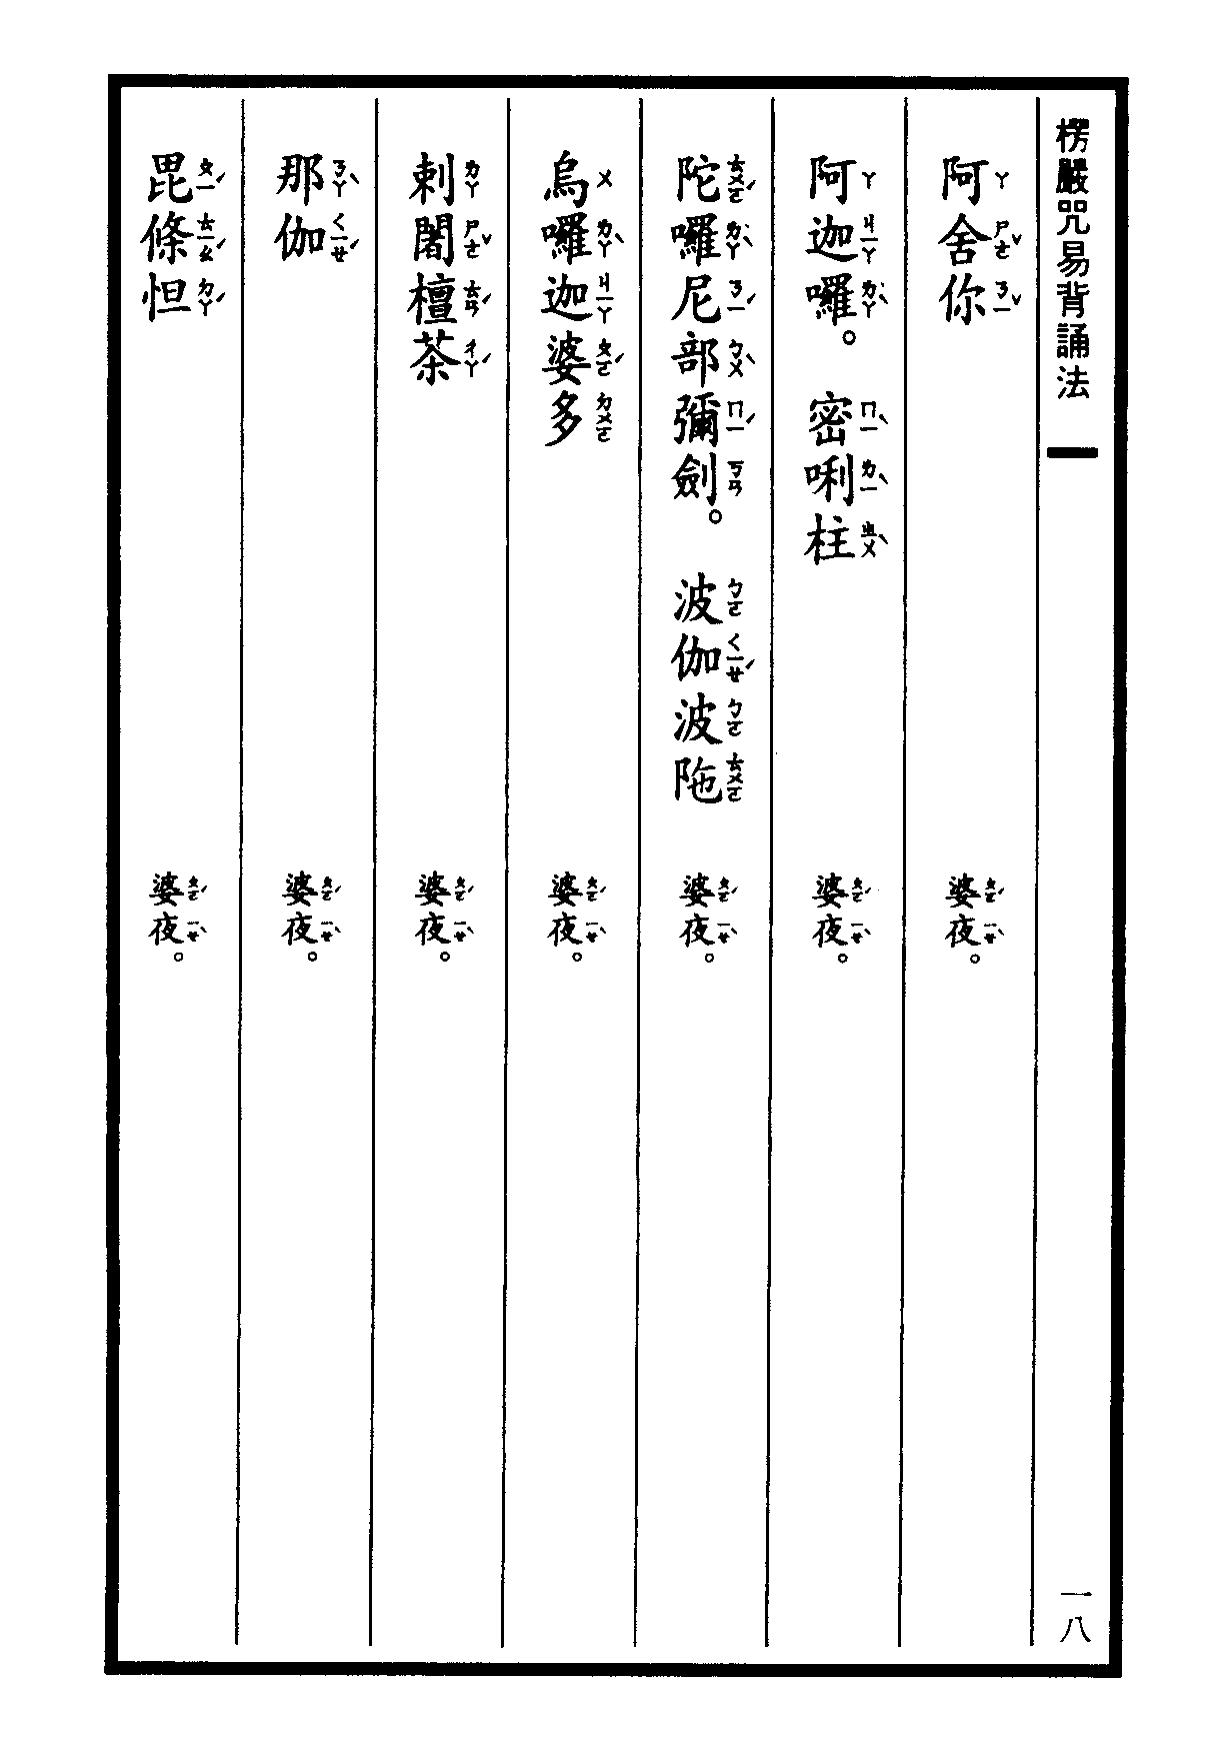 楞嚴咒-大悲咒-十小咒-易背本 24.png